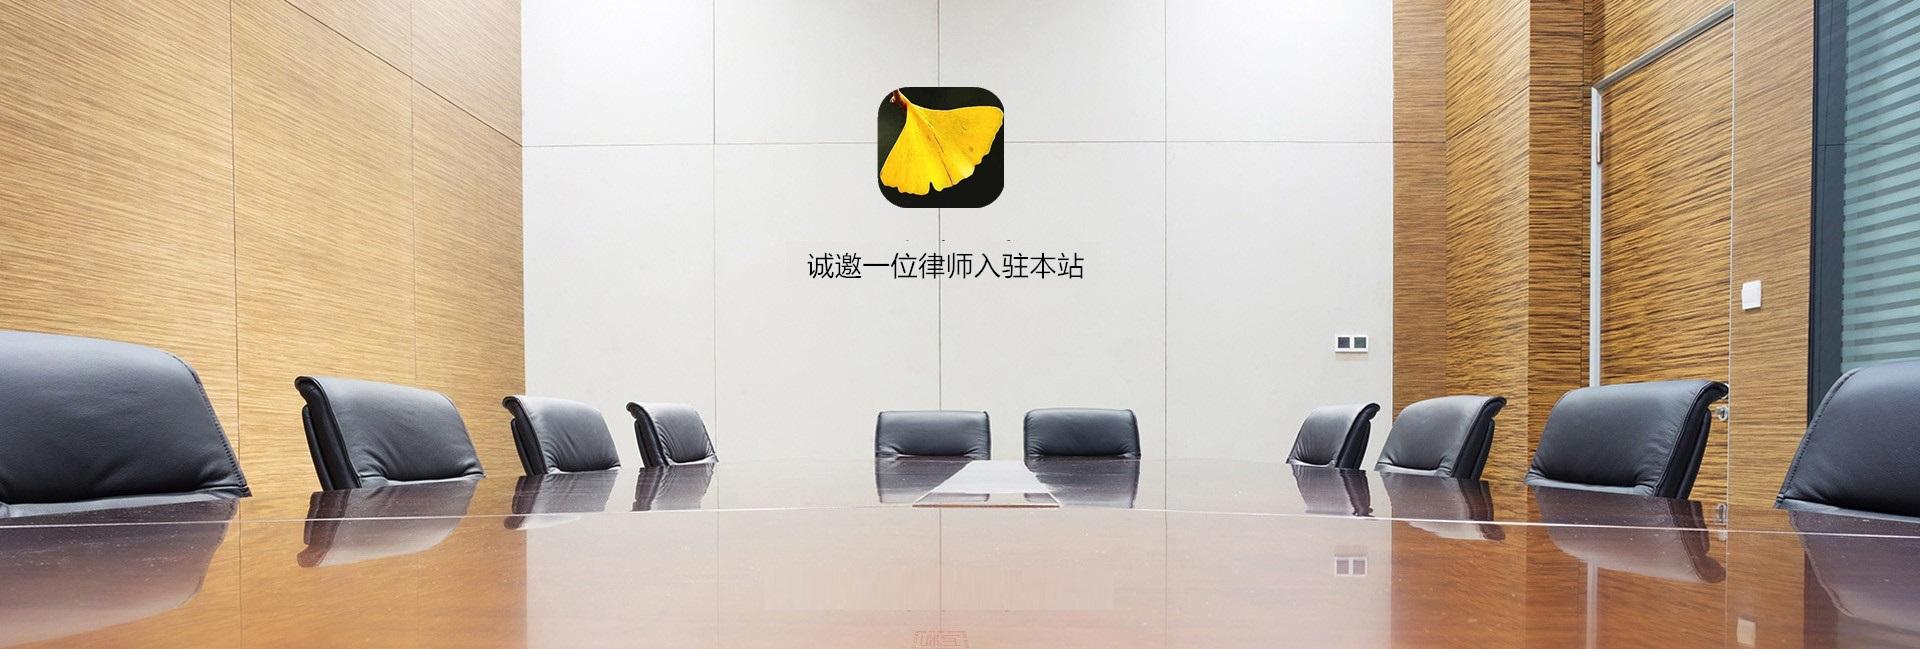 汕头律师大图二